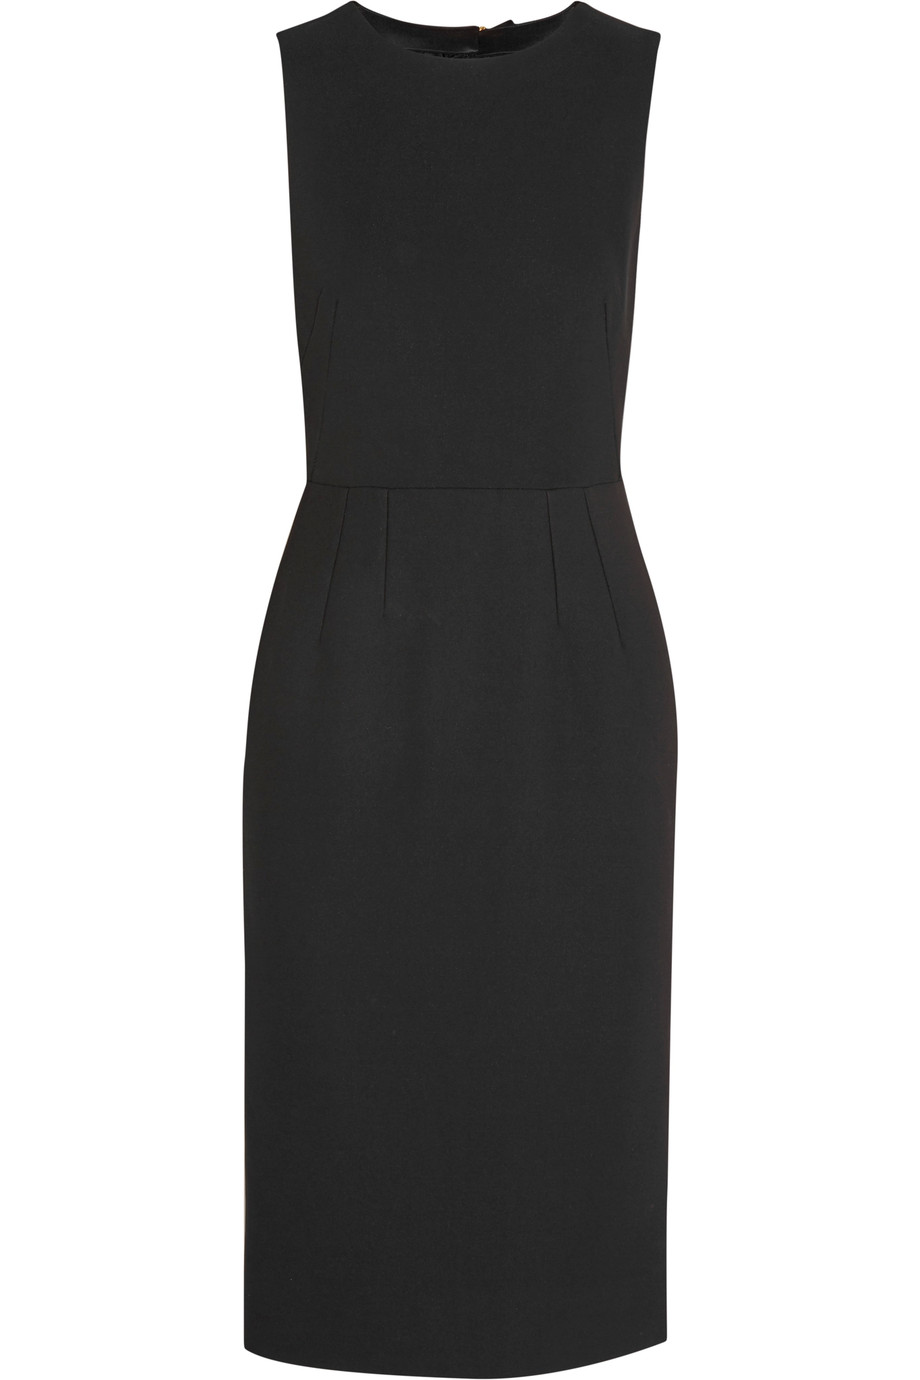 Μικρό μαύρο φόρεμα - Dolce Gabbana